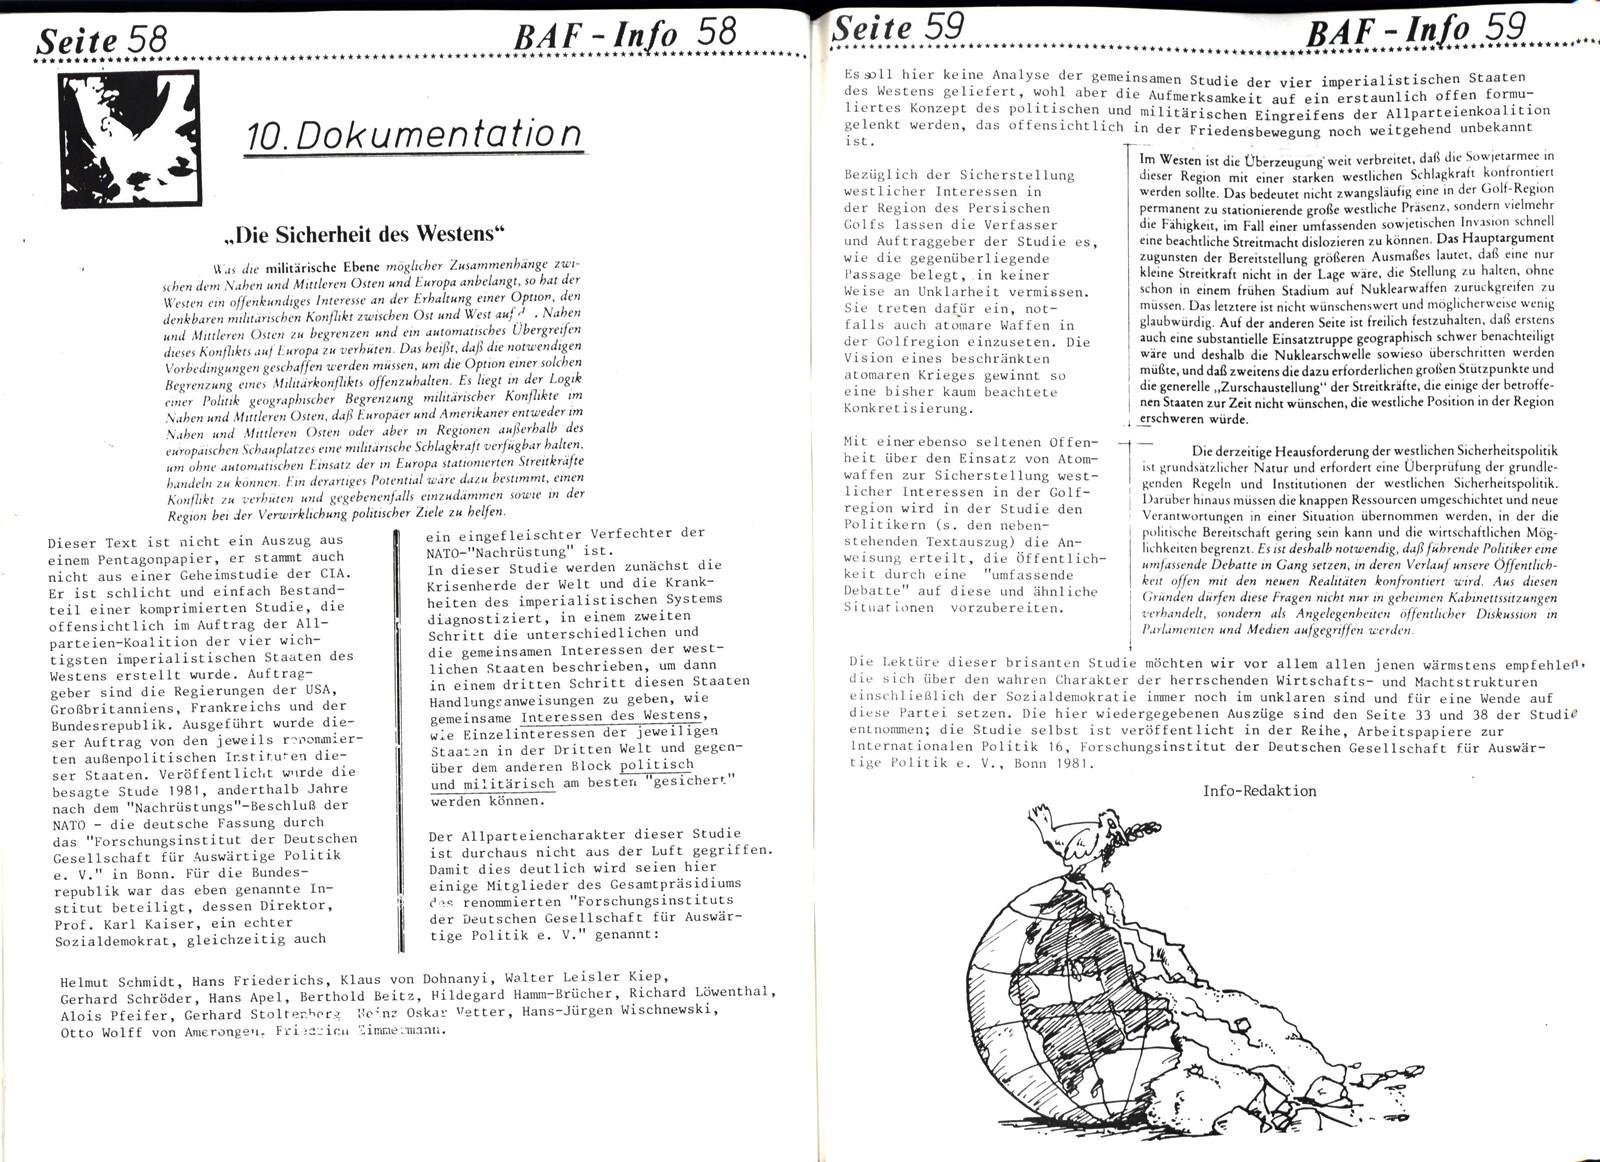 BAF_Info_02_19830100_30